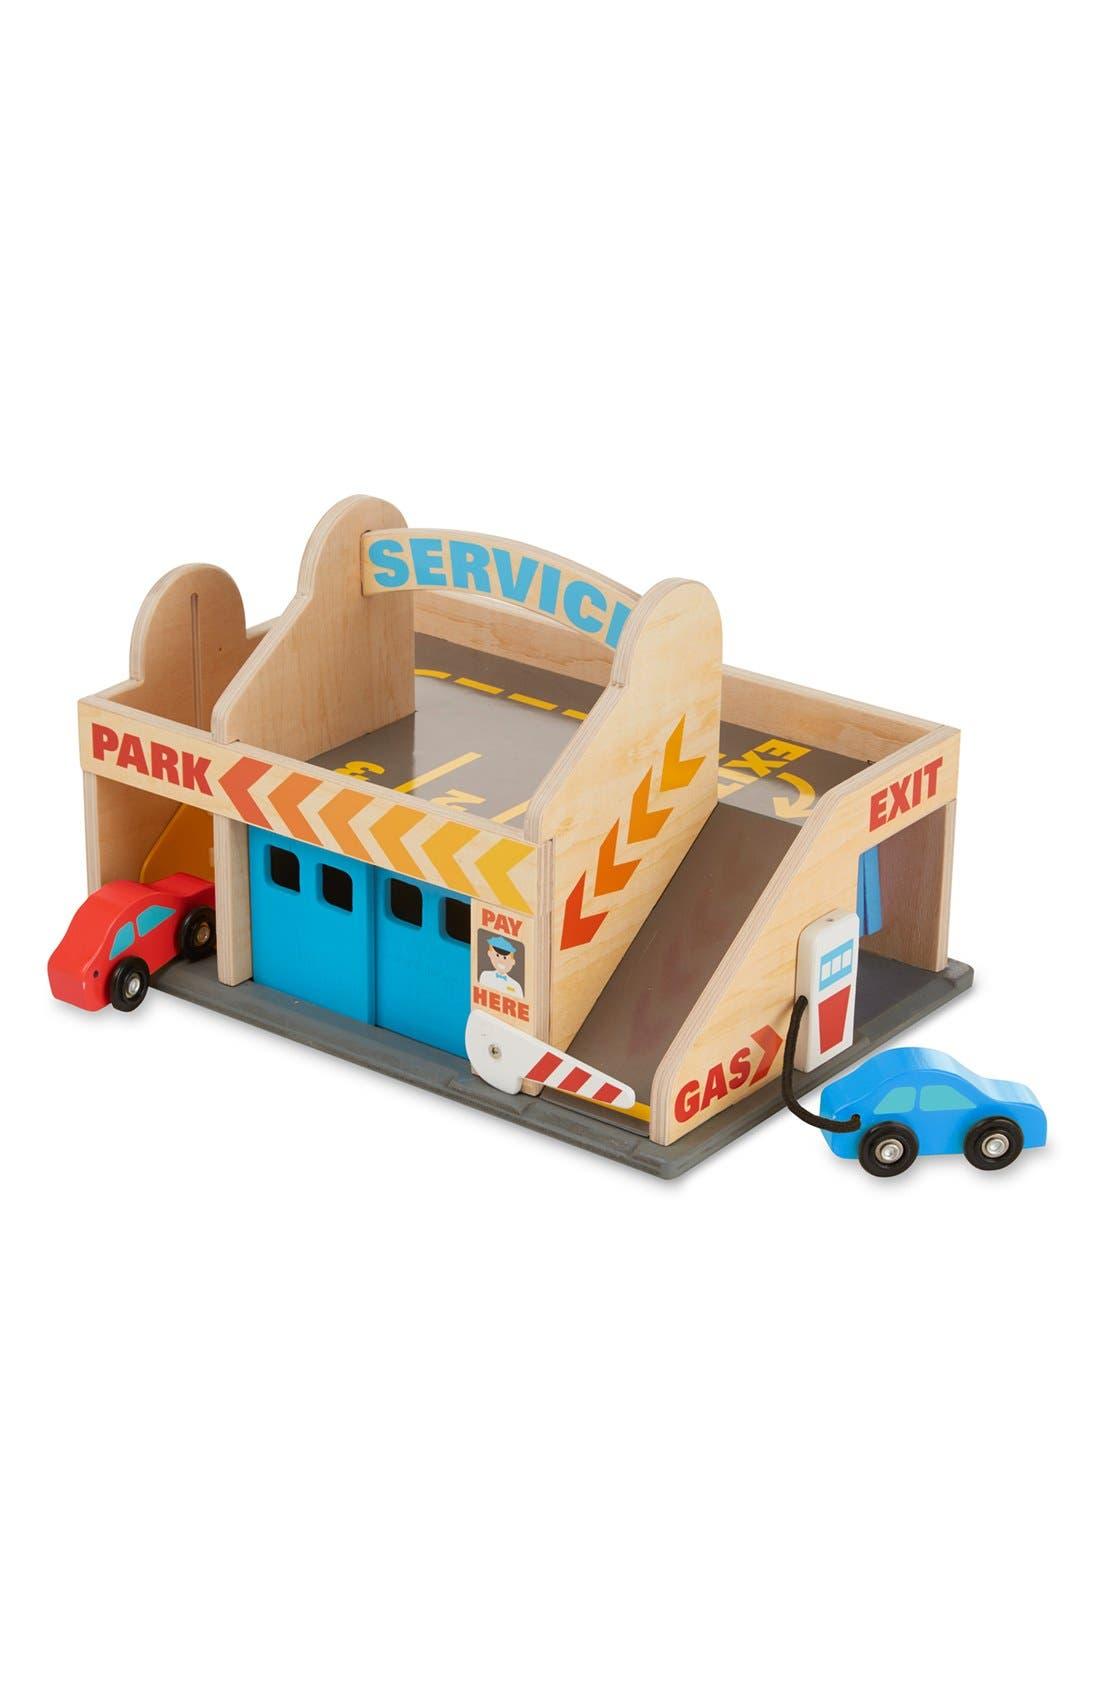 Service Station Parking Garage,                         Main,                         color, Multi